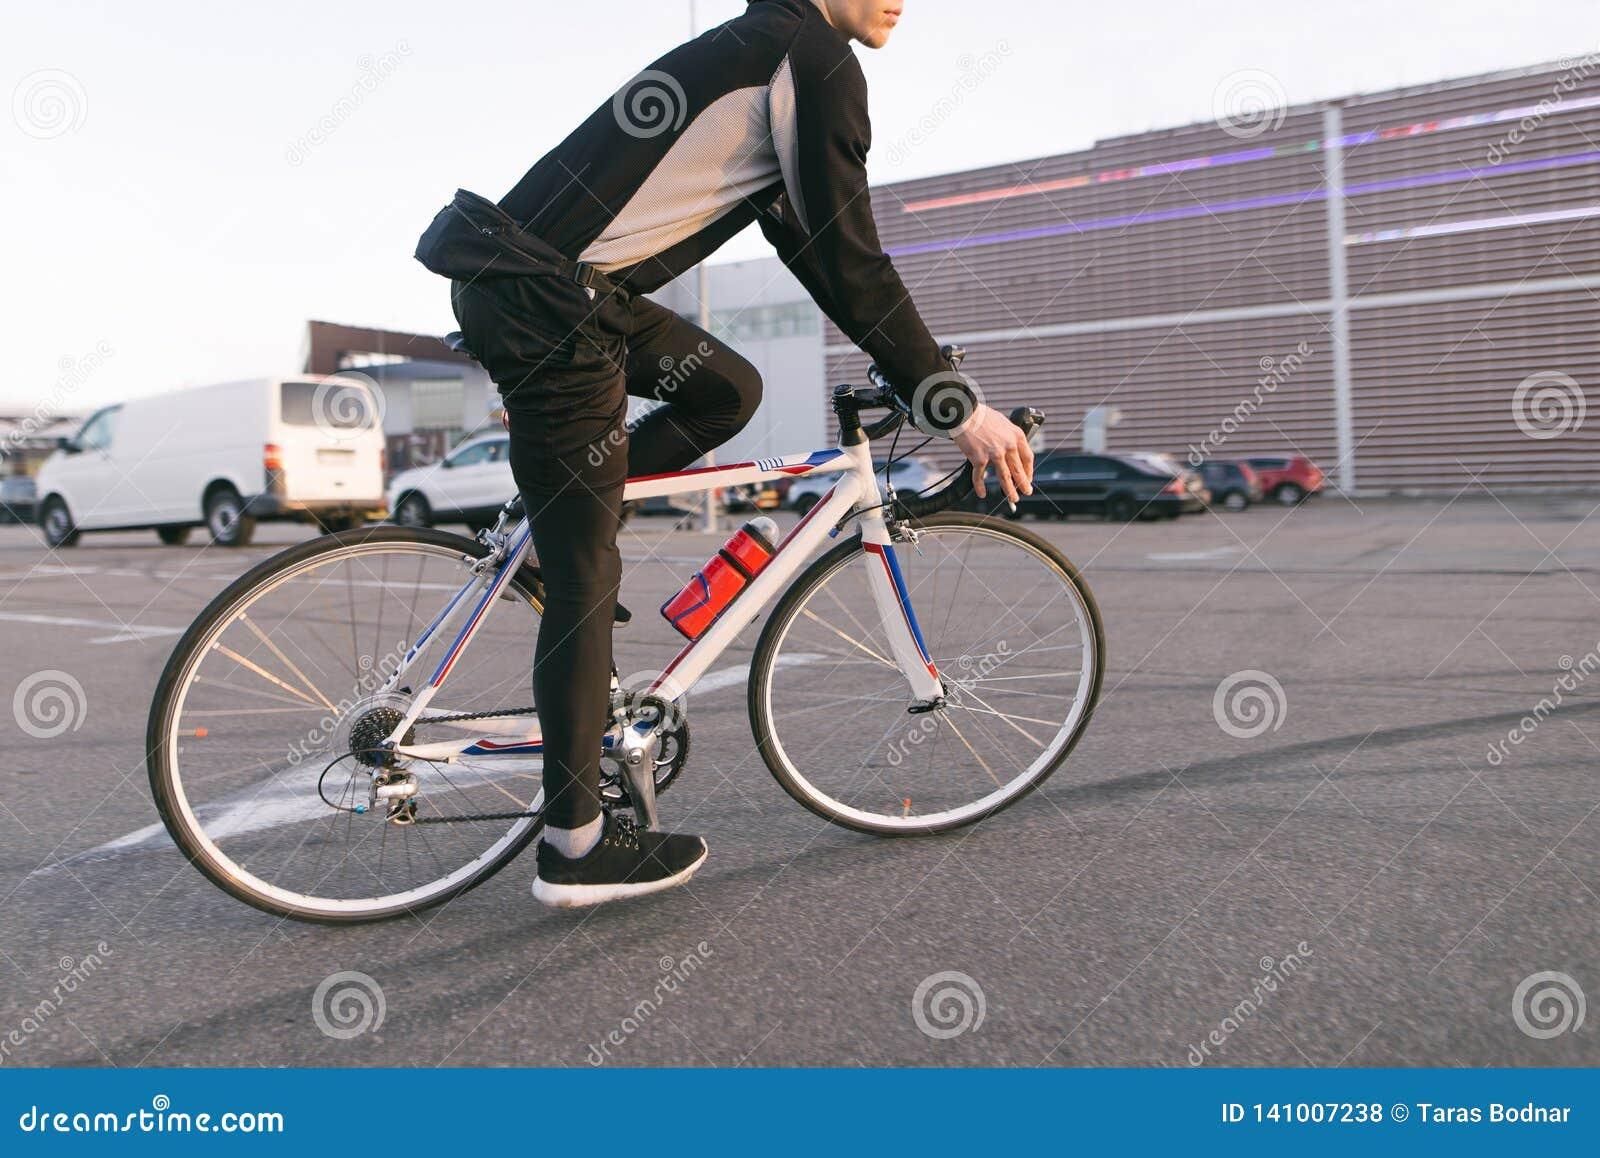 Ποδηλάτης σε έναν με γρήγορο ρυθμό γύρο ποδηλάτων, γύρος στο χώρο στάθμευσης, στο υπόβαθρο της λεωφόρου